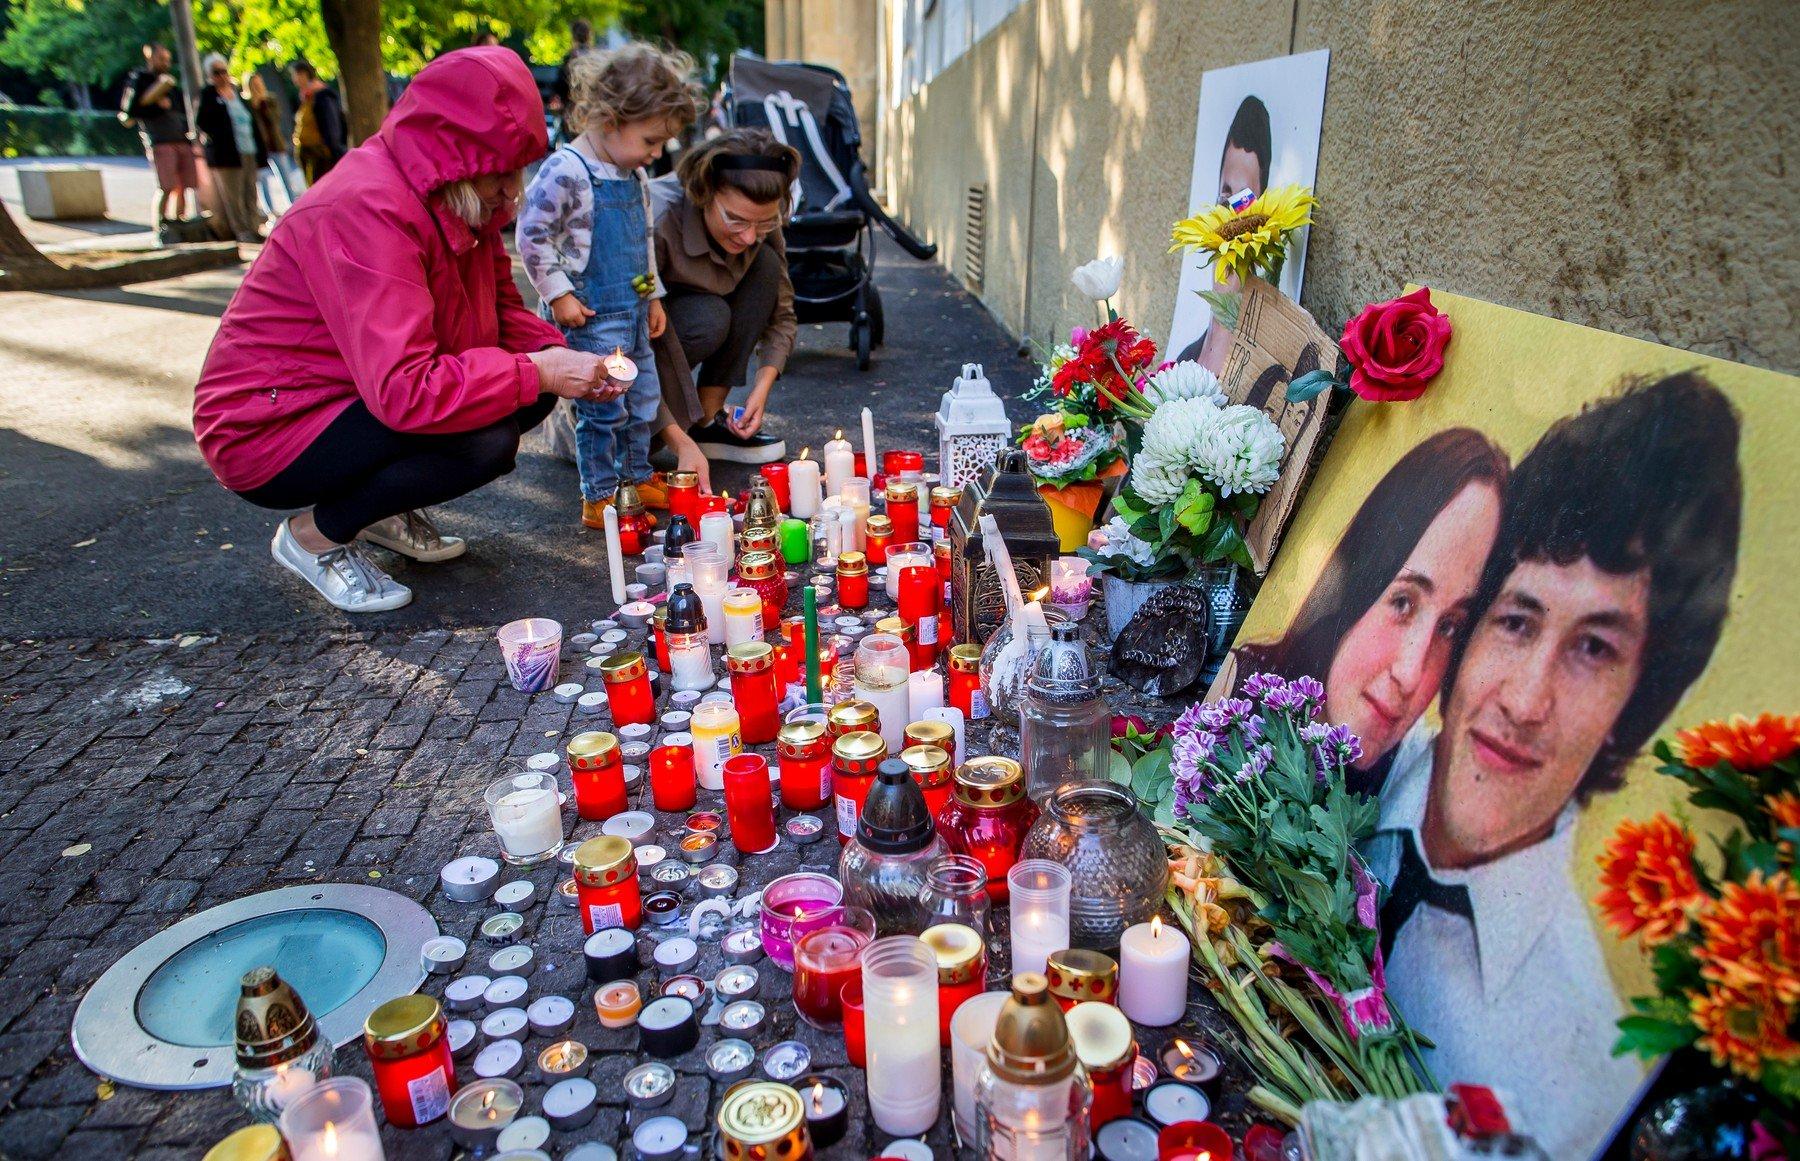 Zbraň, kterou byla v únoru spáchána nájemná vražda novináře Jána Kuciaka a jeho snoubenky, obstaral patrně Maďar